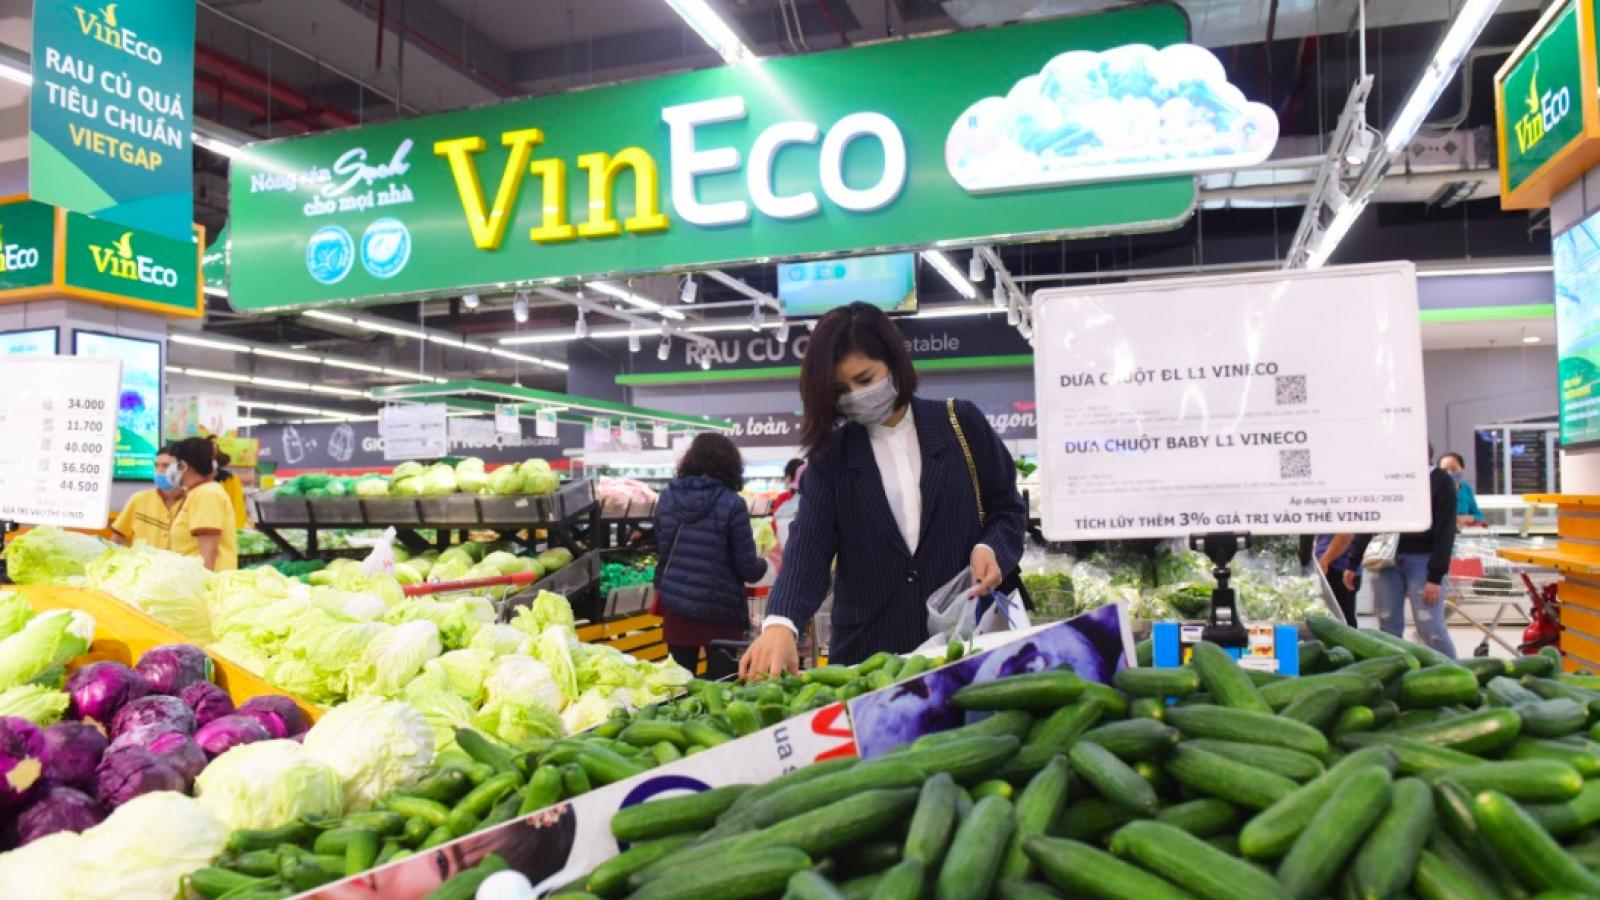 """Hóa mỹ phẩm và thực phẩm thiết yếu tại VinMart/VinMart+ khuyến mại """"khủng"""" lên đến 50%"""